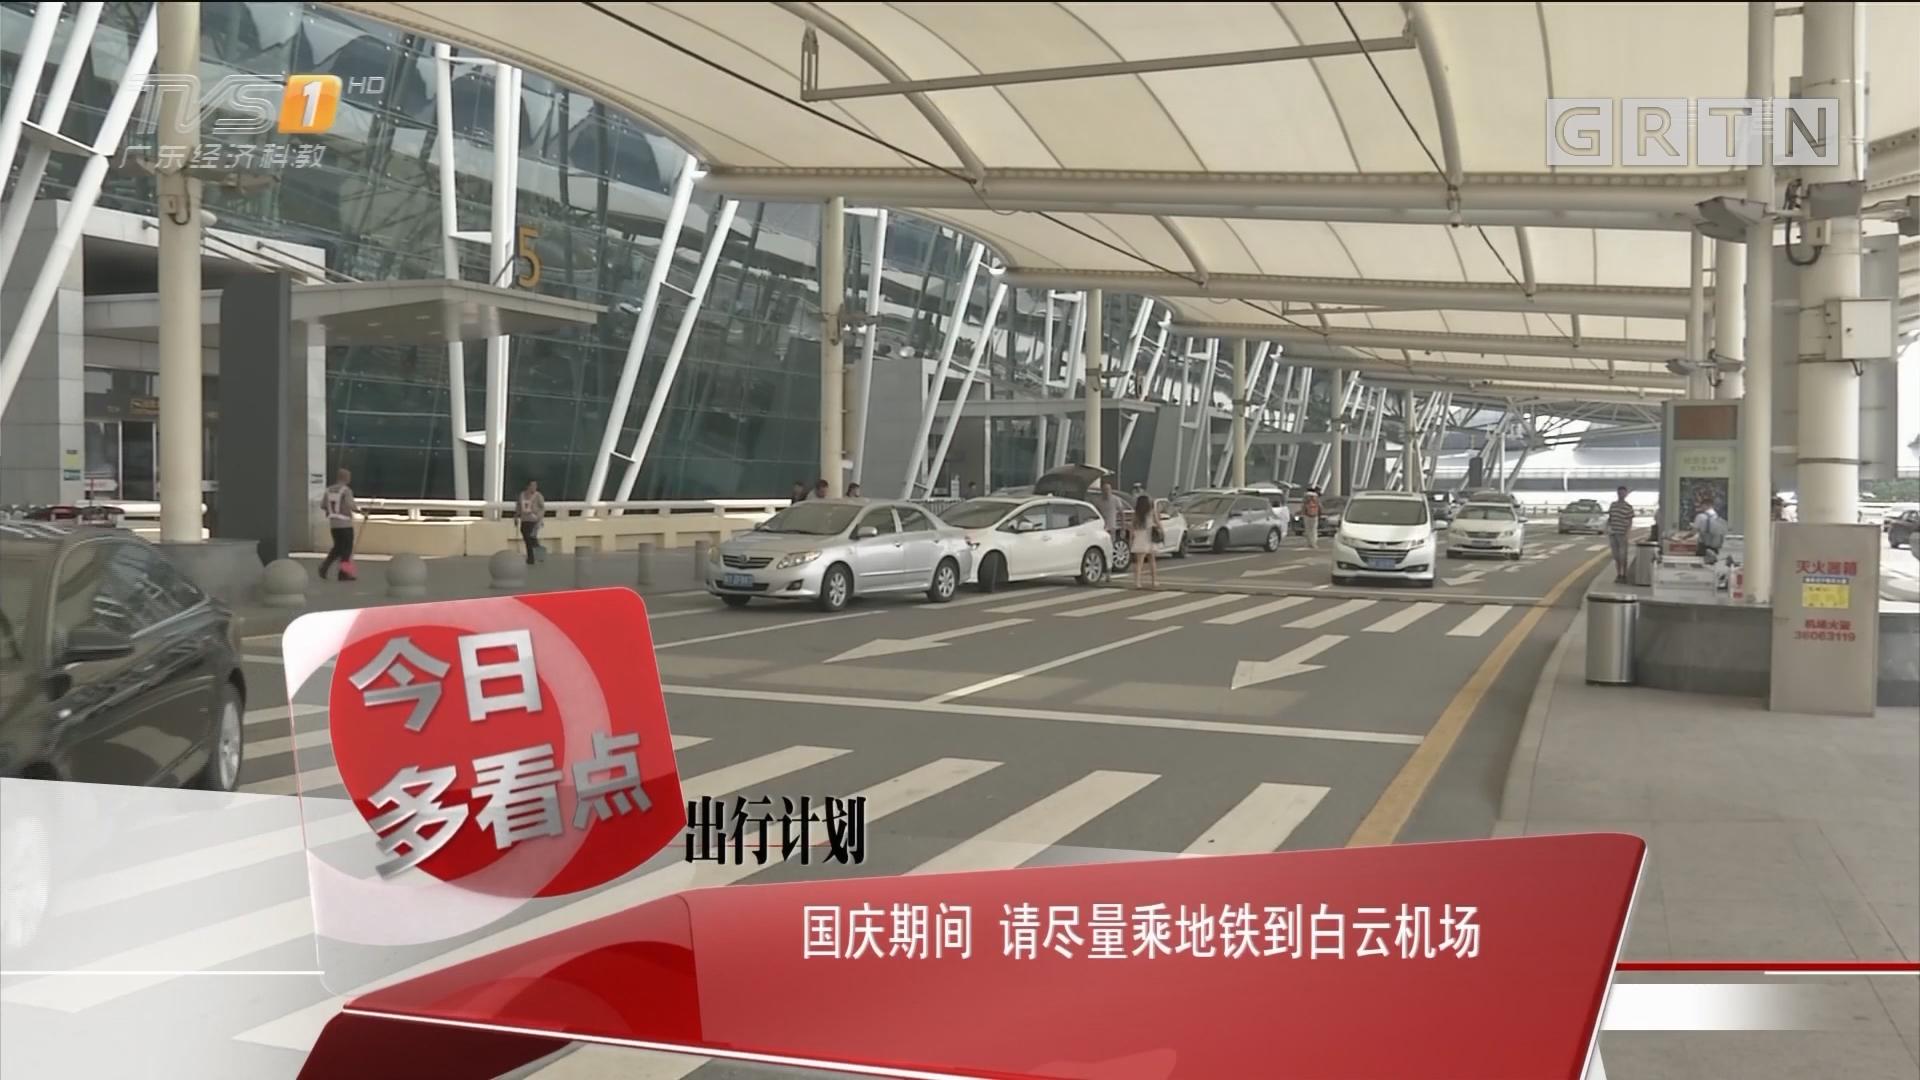 出行计划:国庆期间 请尽量乘地铁到白云机场